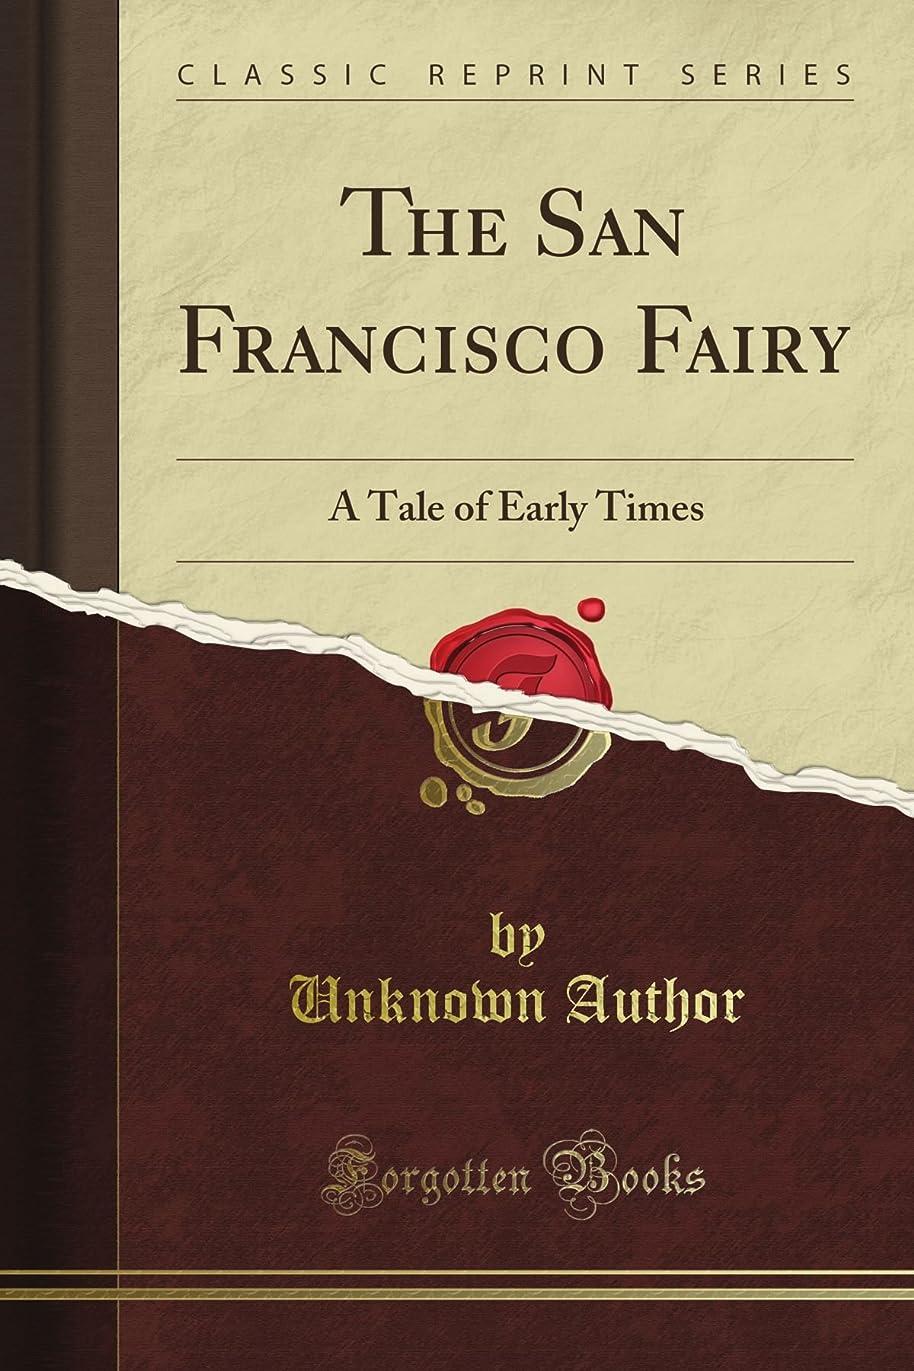 変換相手ブラウザThe San Francisco Fairy: A Tale of Early Times (Classic Reprint)